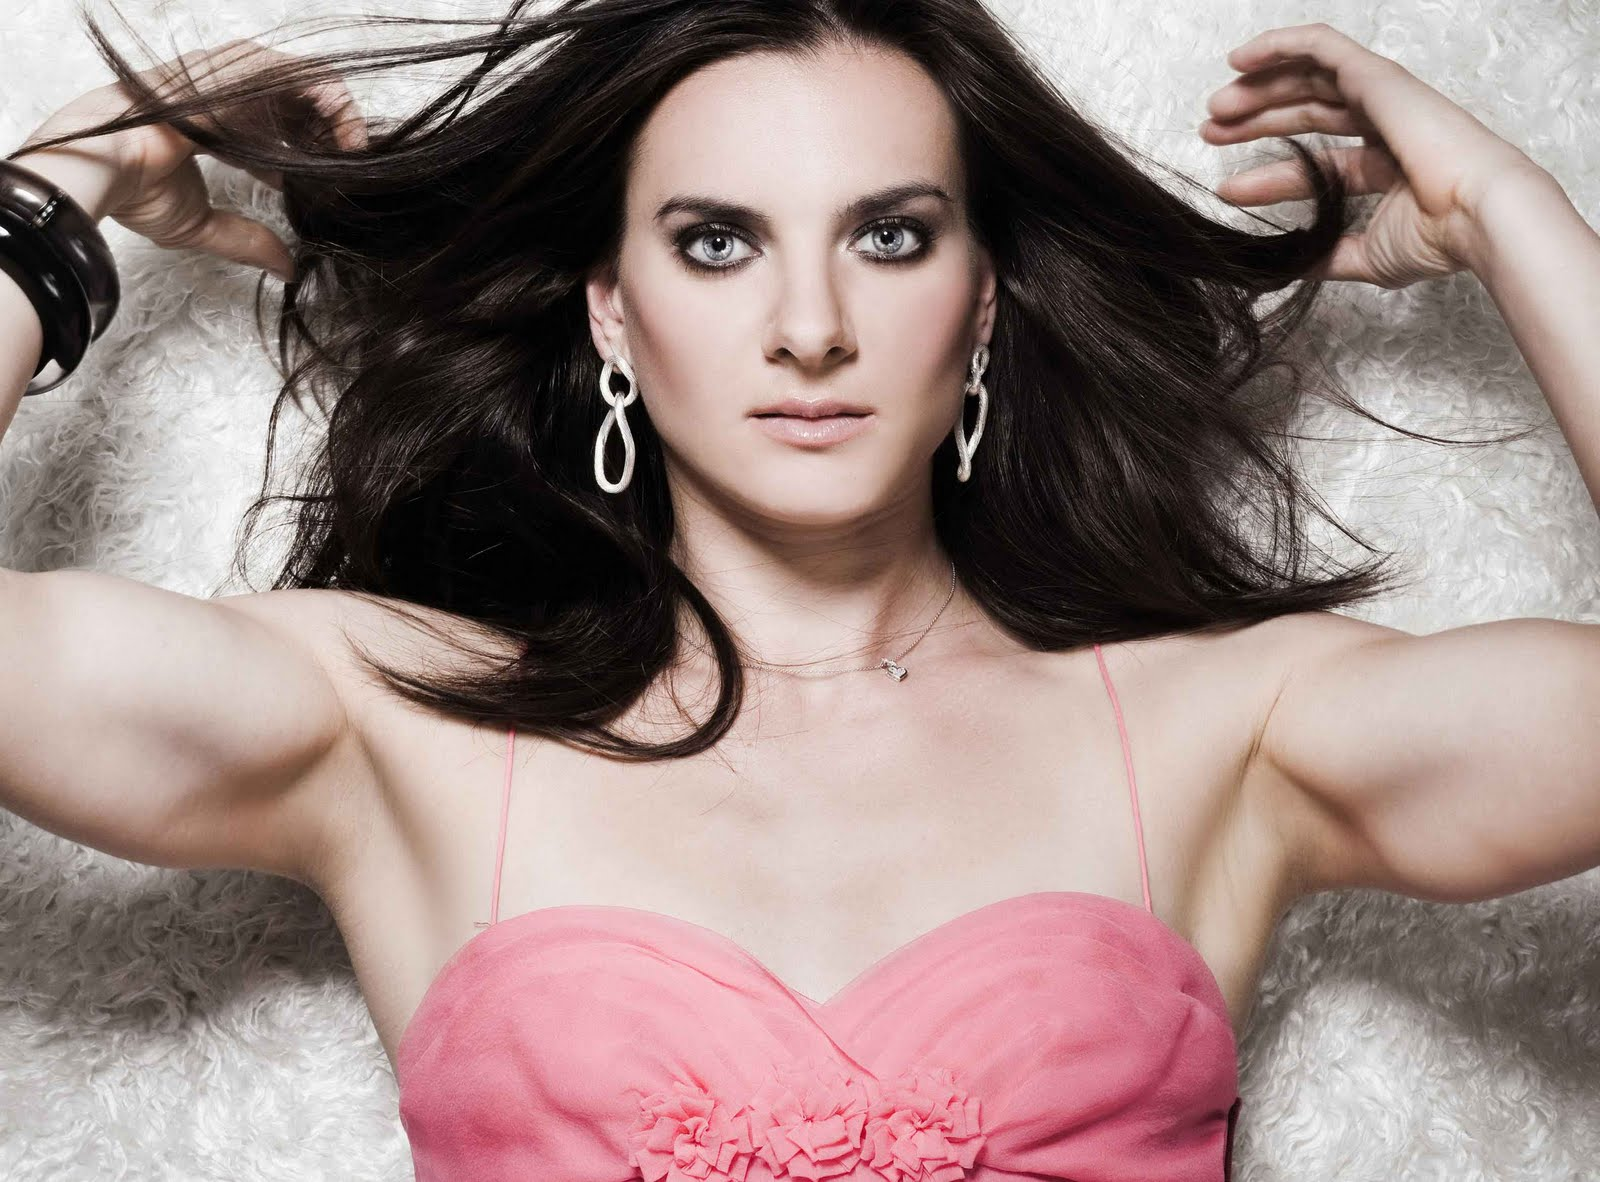 http://4.bp.blogspot.com/-6wKf0357TXI/T-MM69nbSaI/AAAAAAAAUbU/kRB9zKyRcB4/s1600/Yelena+Isinbayeva+Hot.jpg